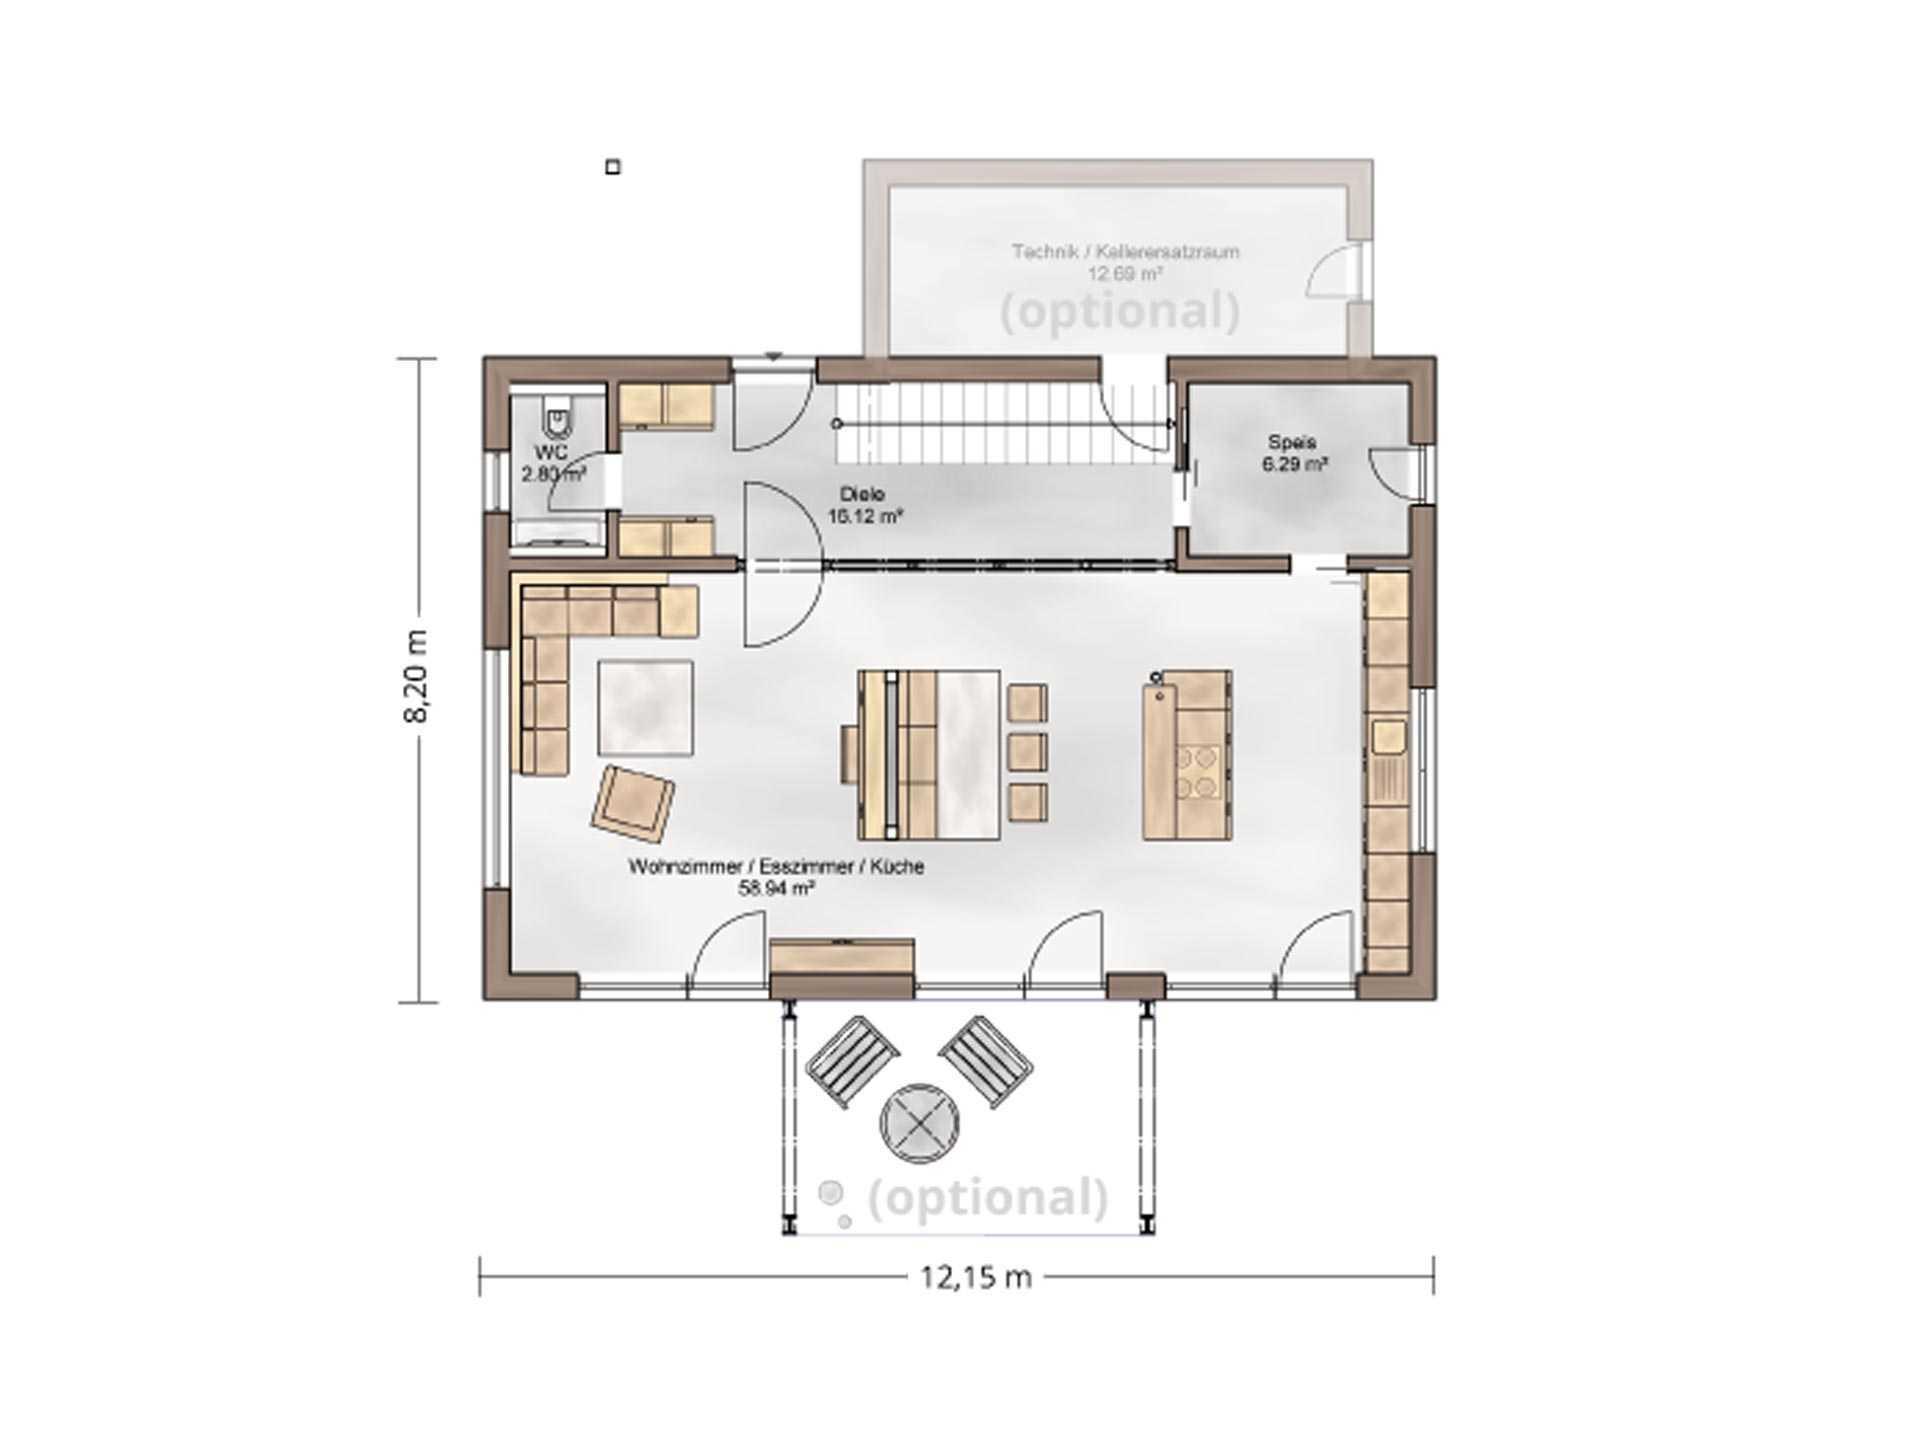 Musterhaus Casa Vita - Eine Nahaufnahme eines Geräts - Gebäudeplan